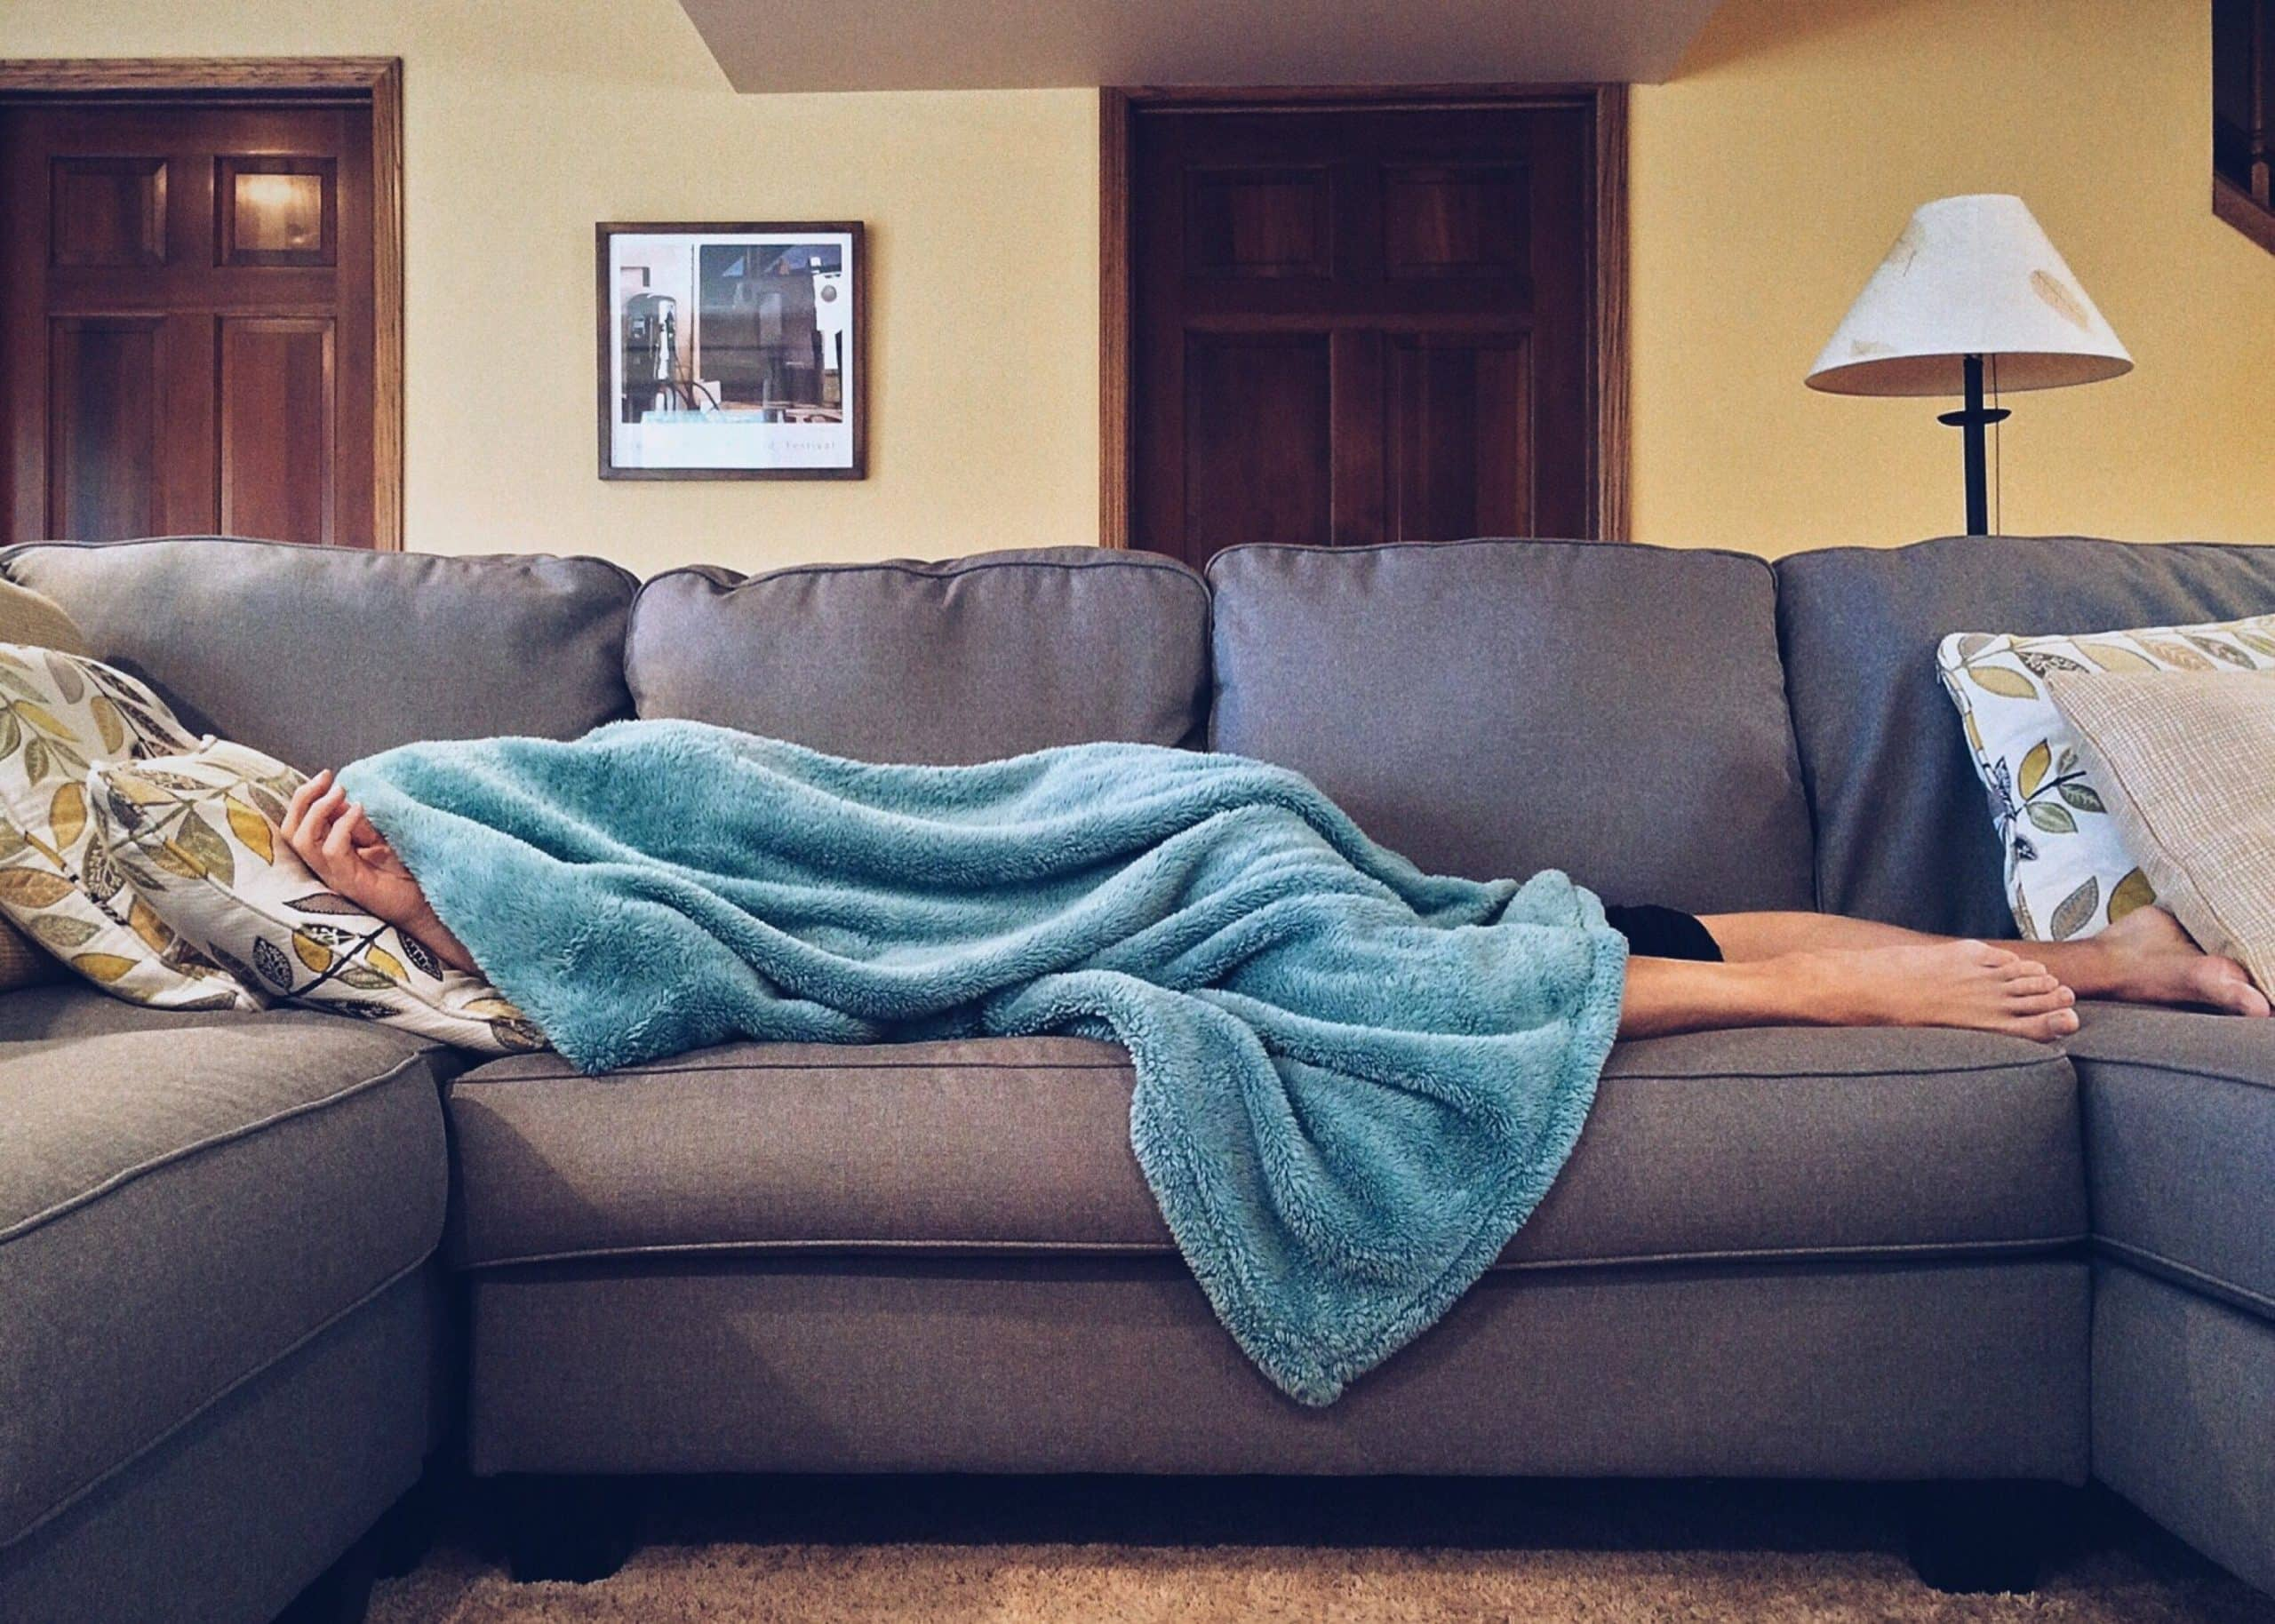 CouchSurfing - Surfare tra i divani